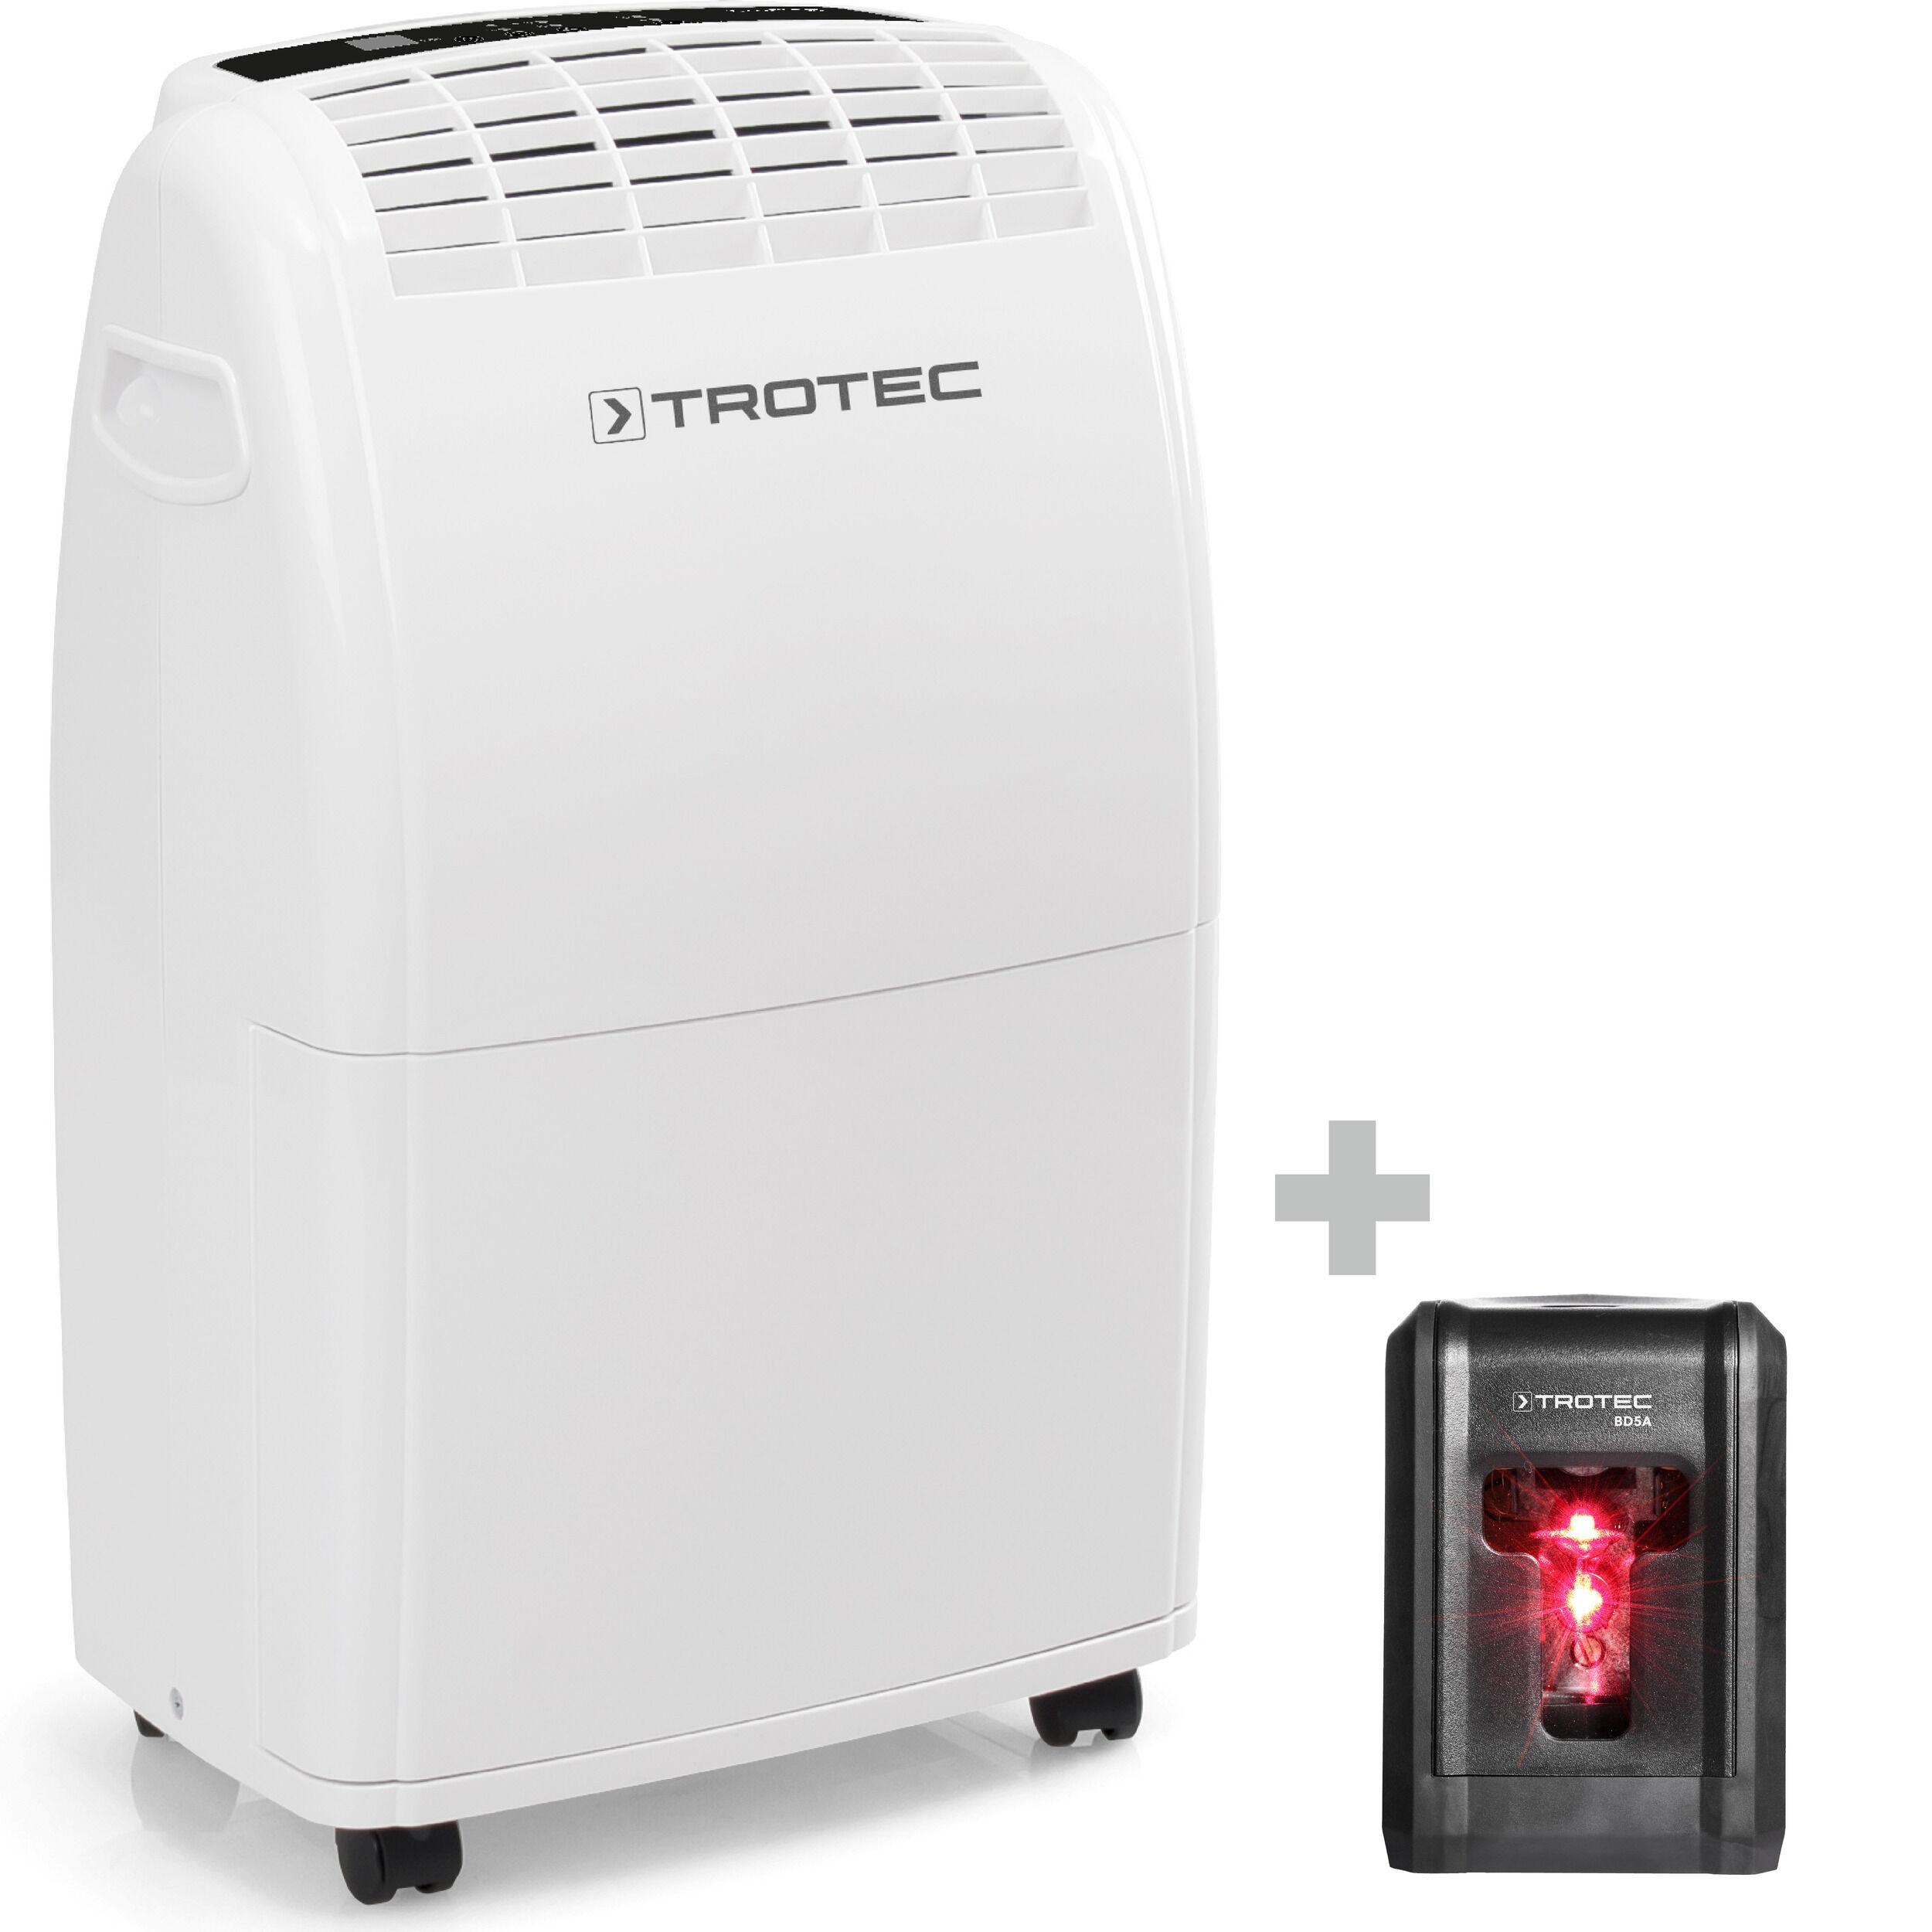 trotec deumidificatore ttk 75 e + livella laser bd5a